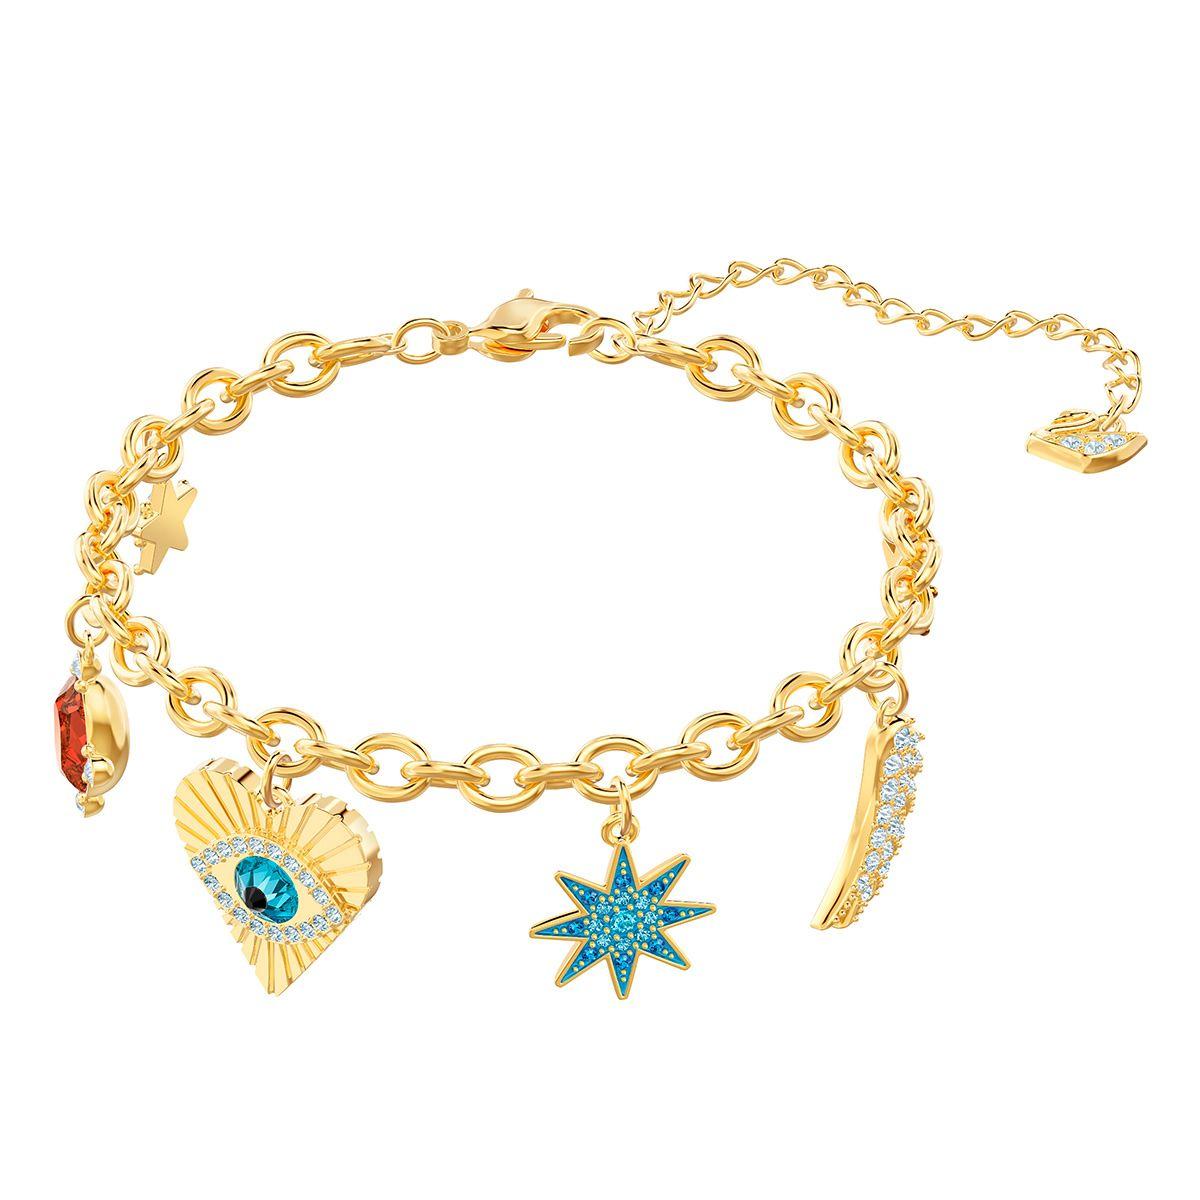 2c11f2d97 Earrings. Necklaces. Necklaces. Bracelets